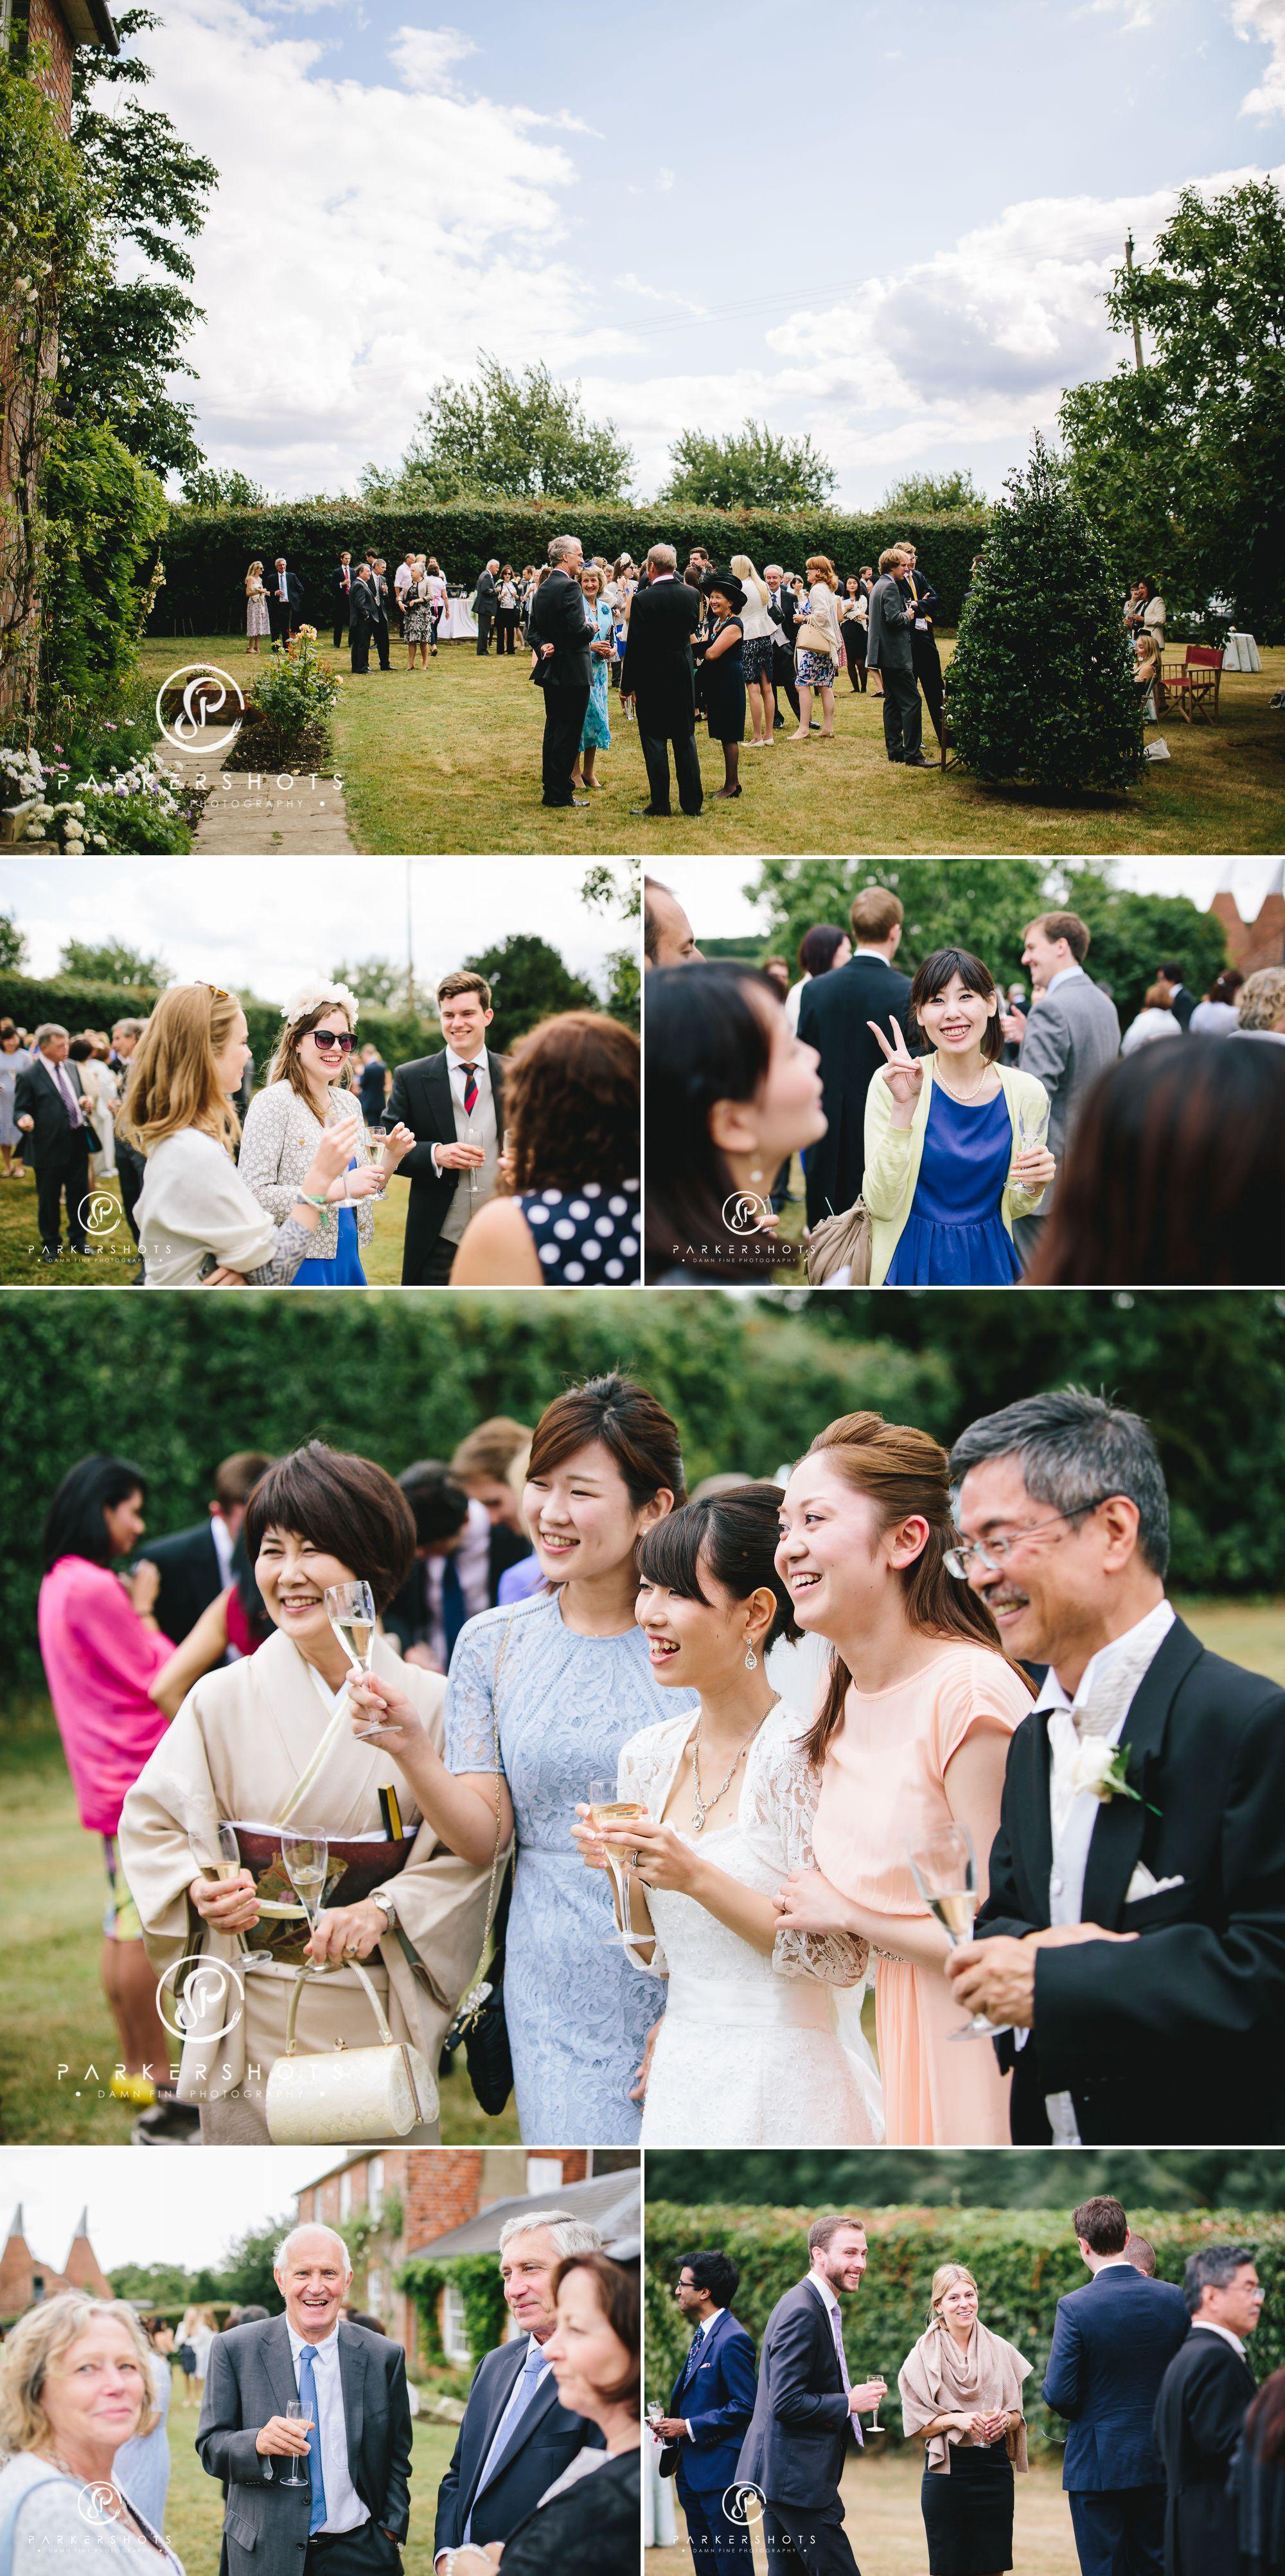 Tunbridge_Wells_Wedding_Photographer 8